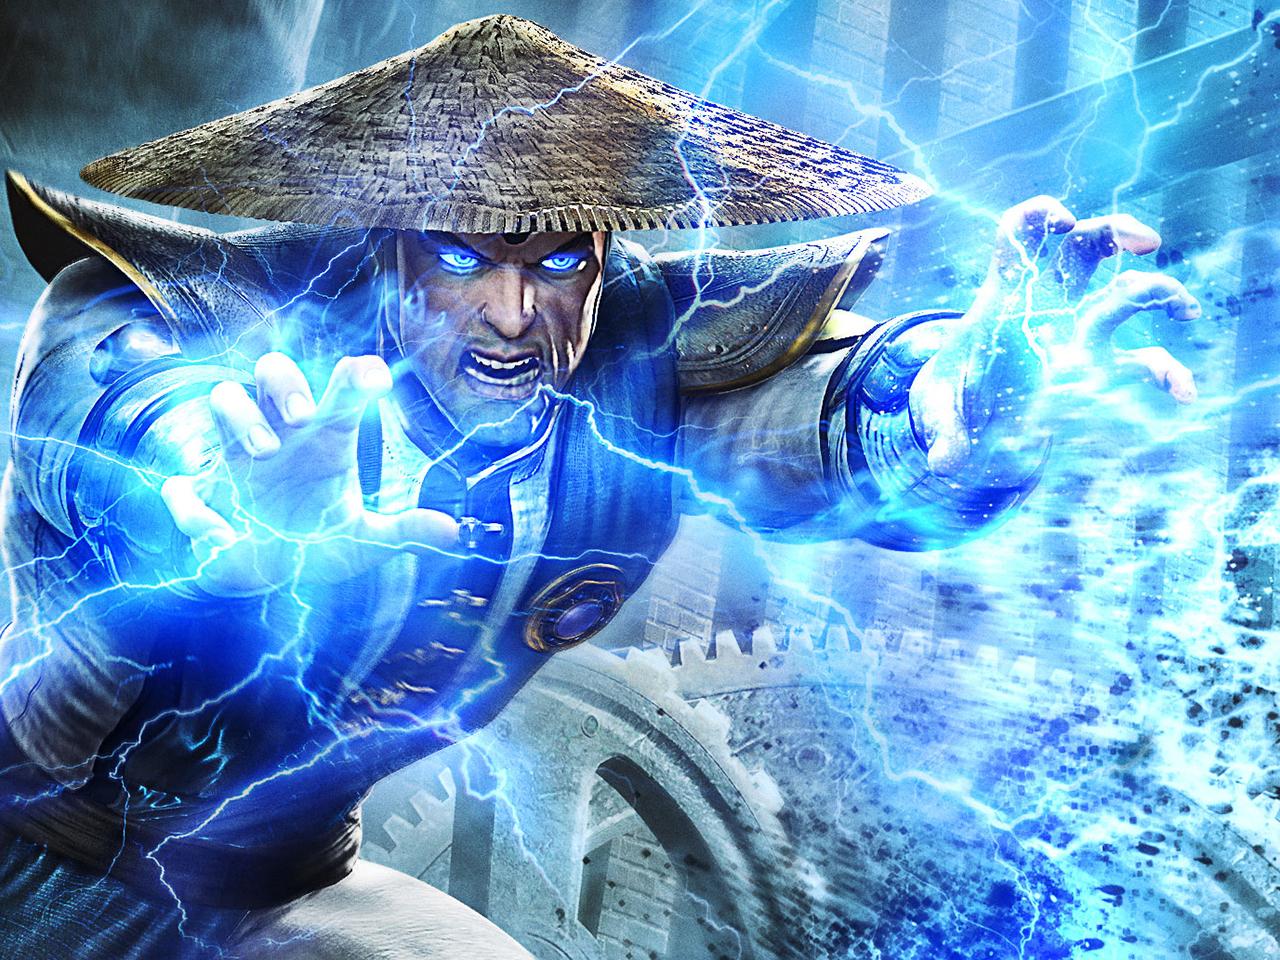 В игру Mortal Kombat X добавят еще 6 персонажей в ближайшее время